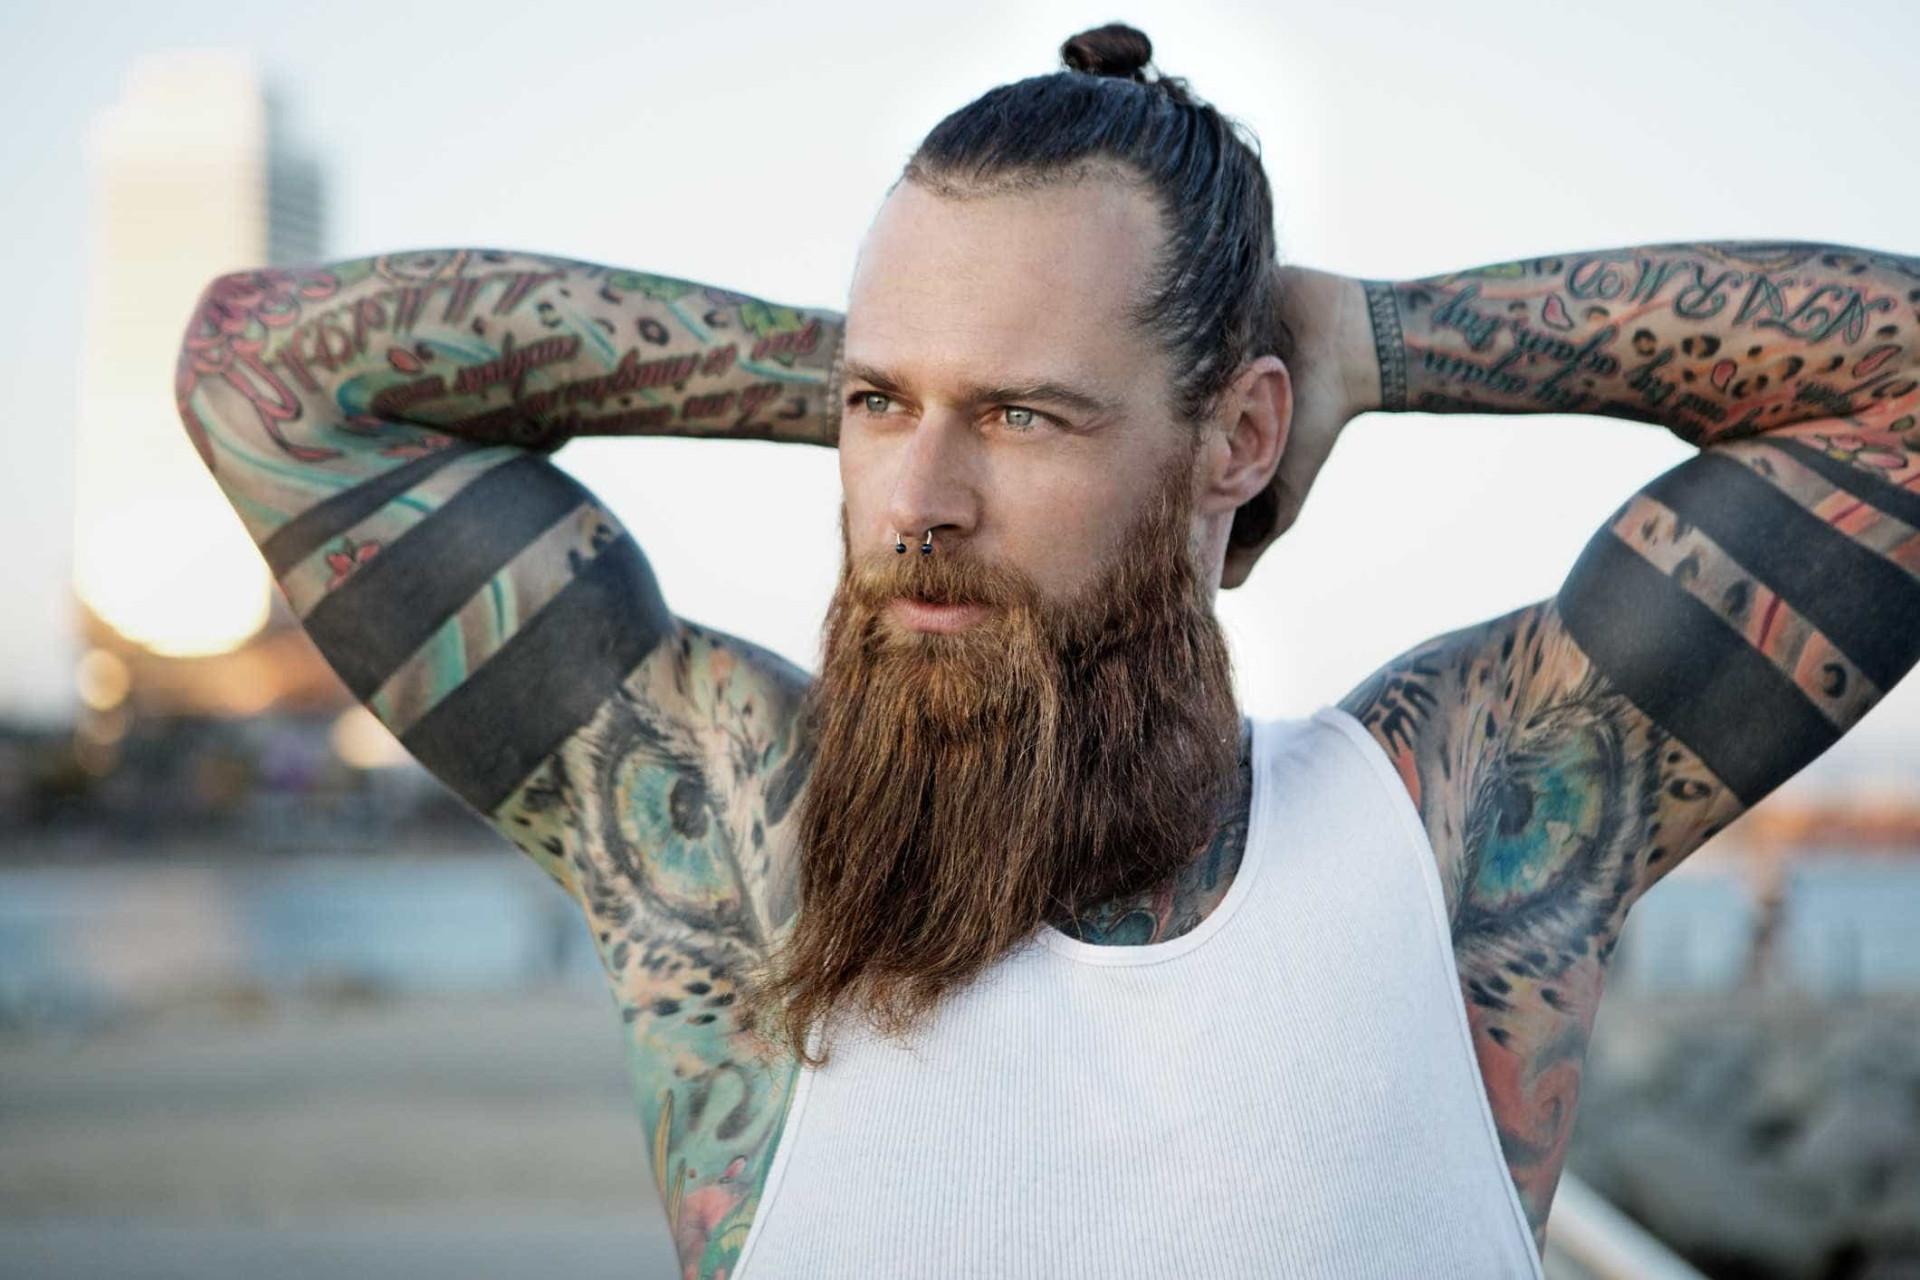 Conheça os factos mais incríveis sobre tatuagens